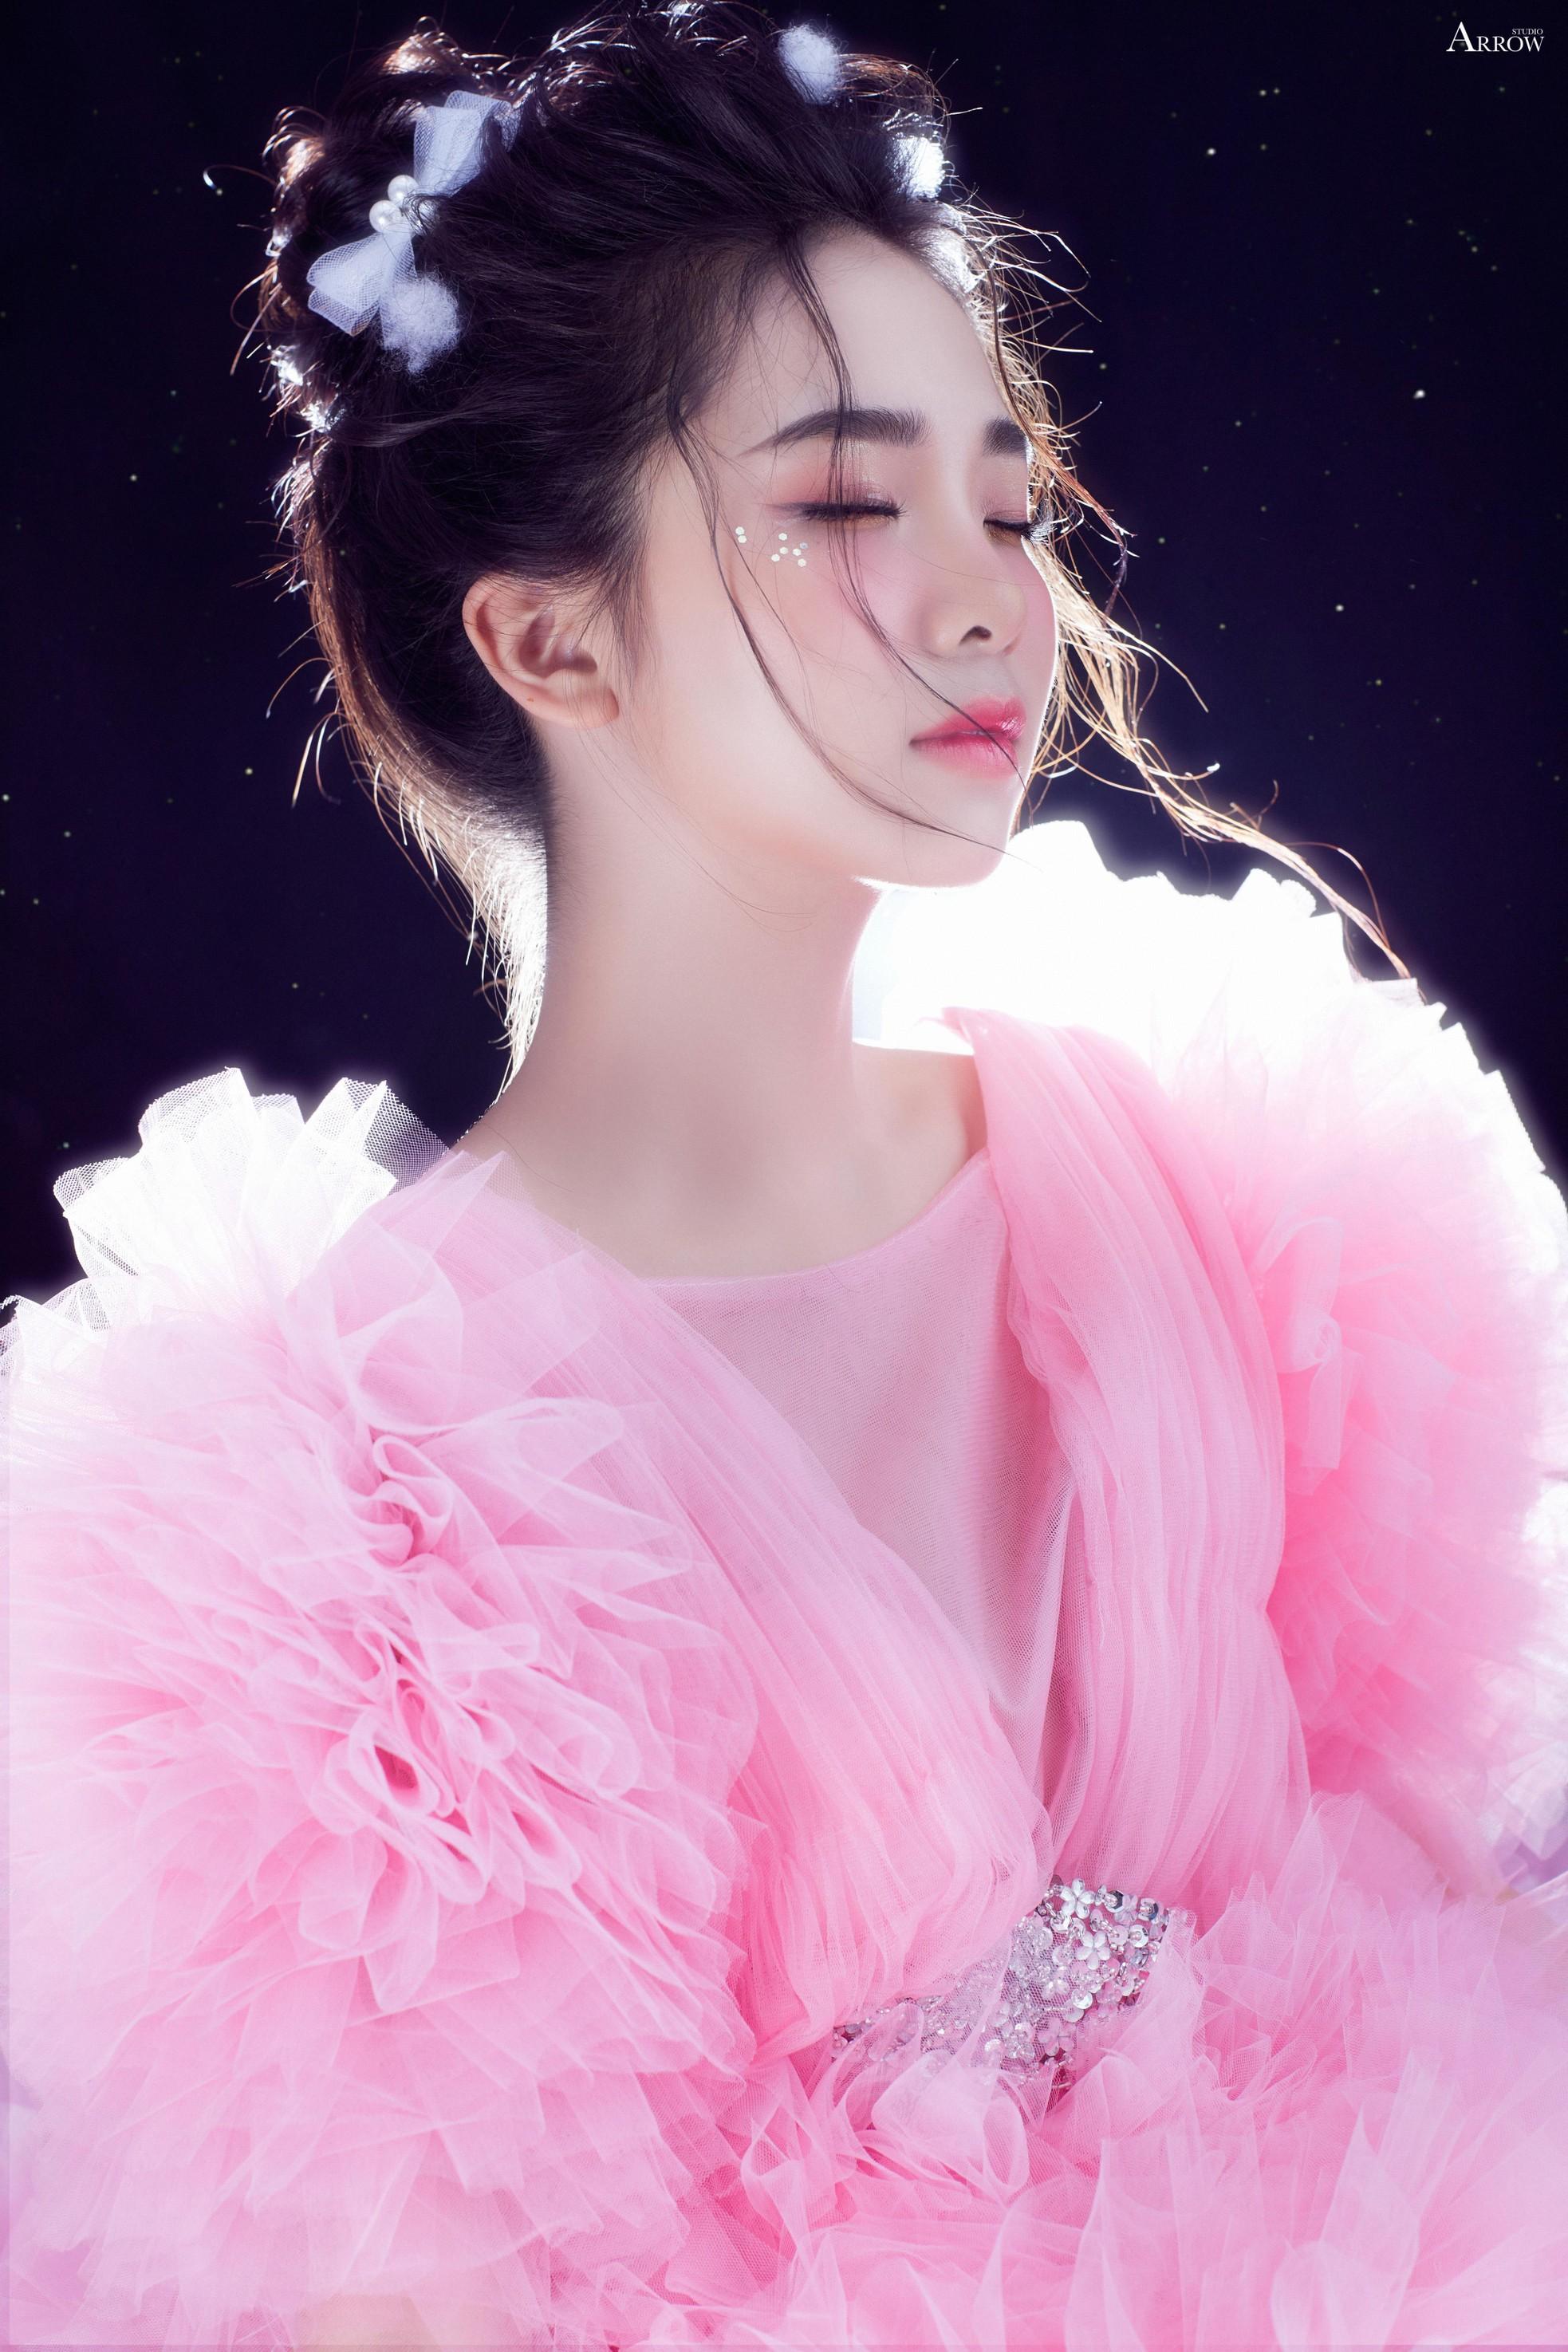 Nhan sắc 'kẹo ngọt' của nữ sinh trường Cao đẳng Nghệ thuật Hà Nội ảnh 10